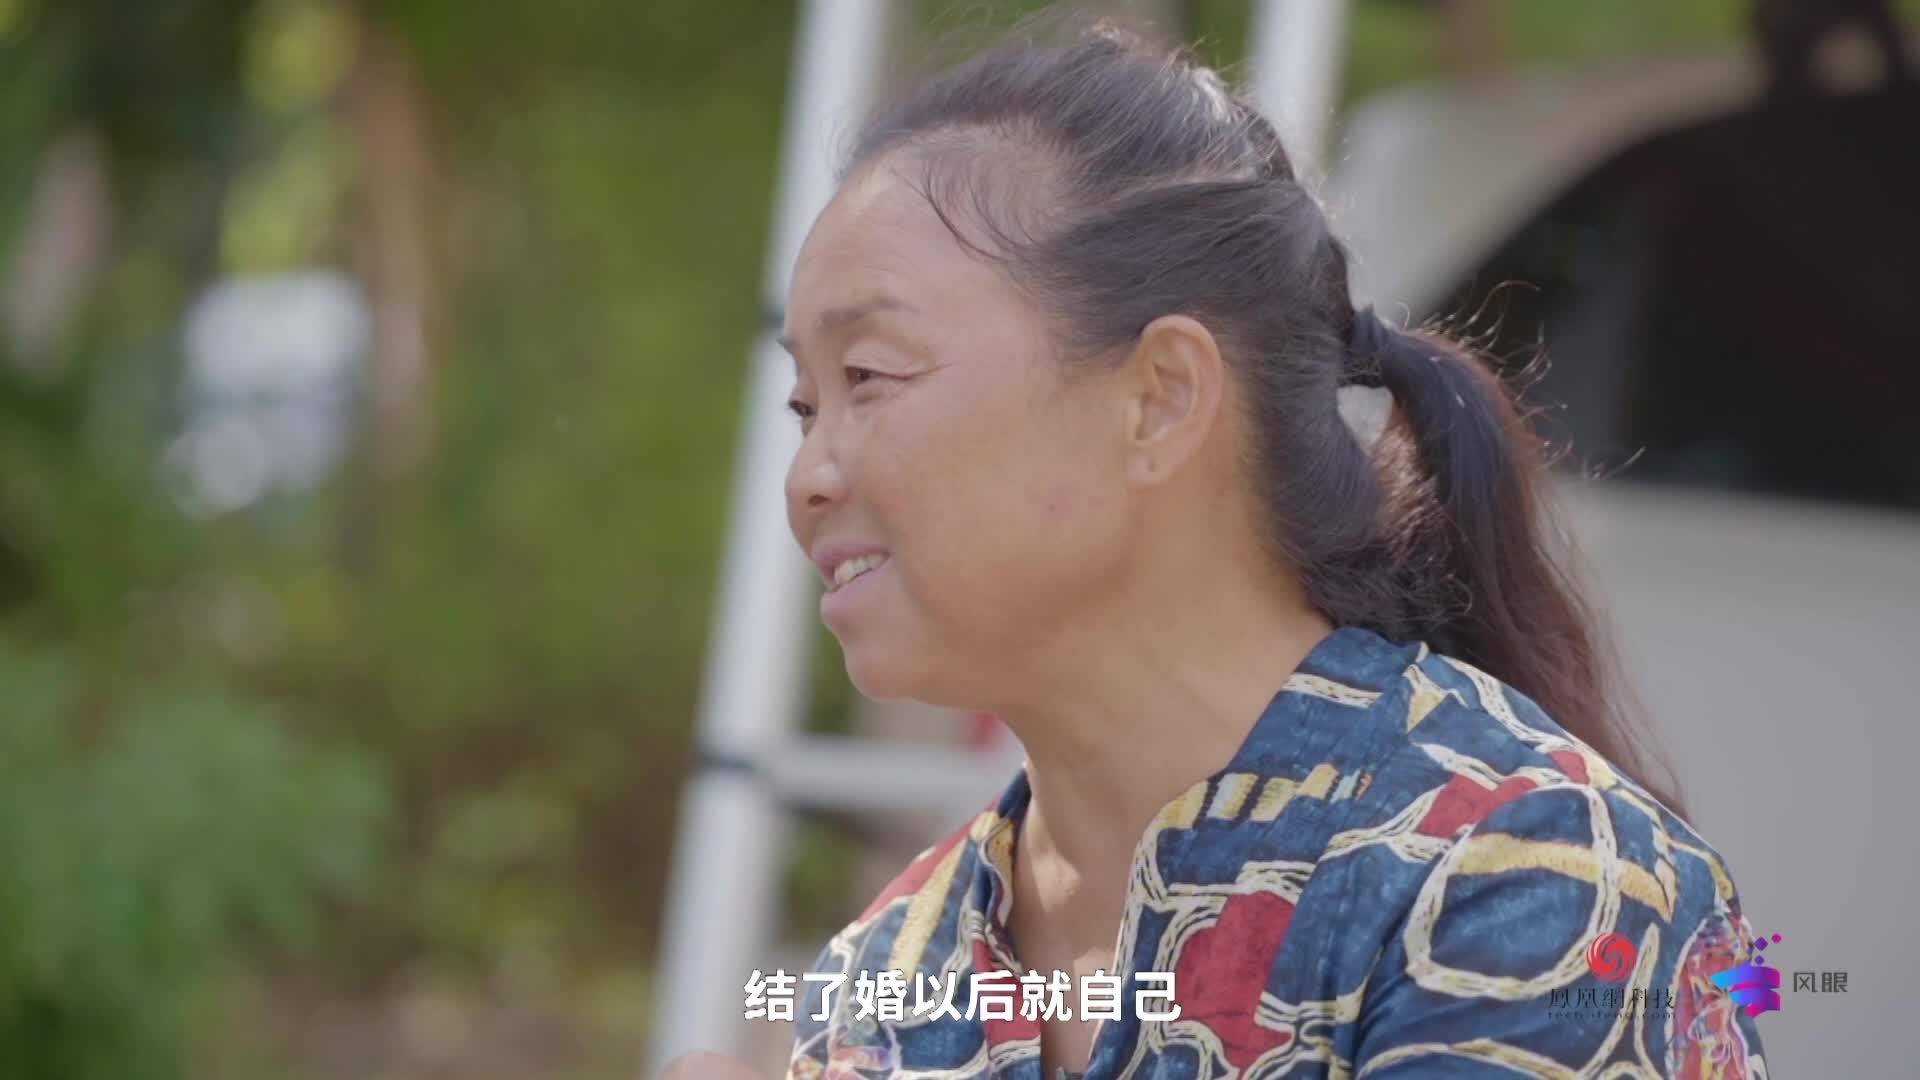 50岁阿姨自驾游:我是在逃家庭主妇